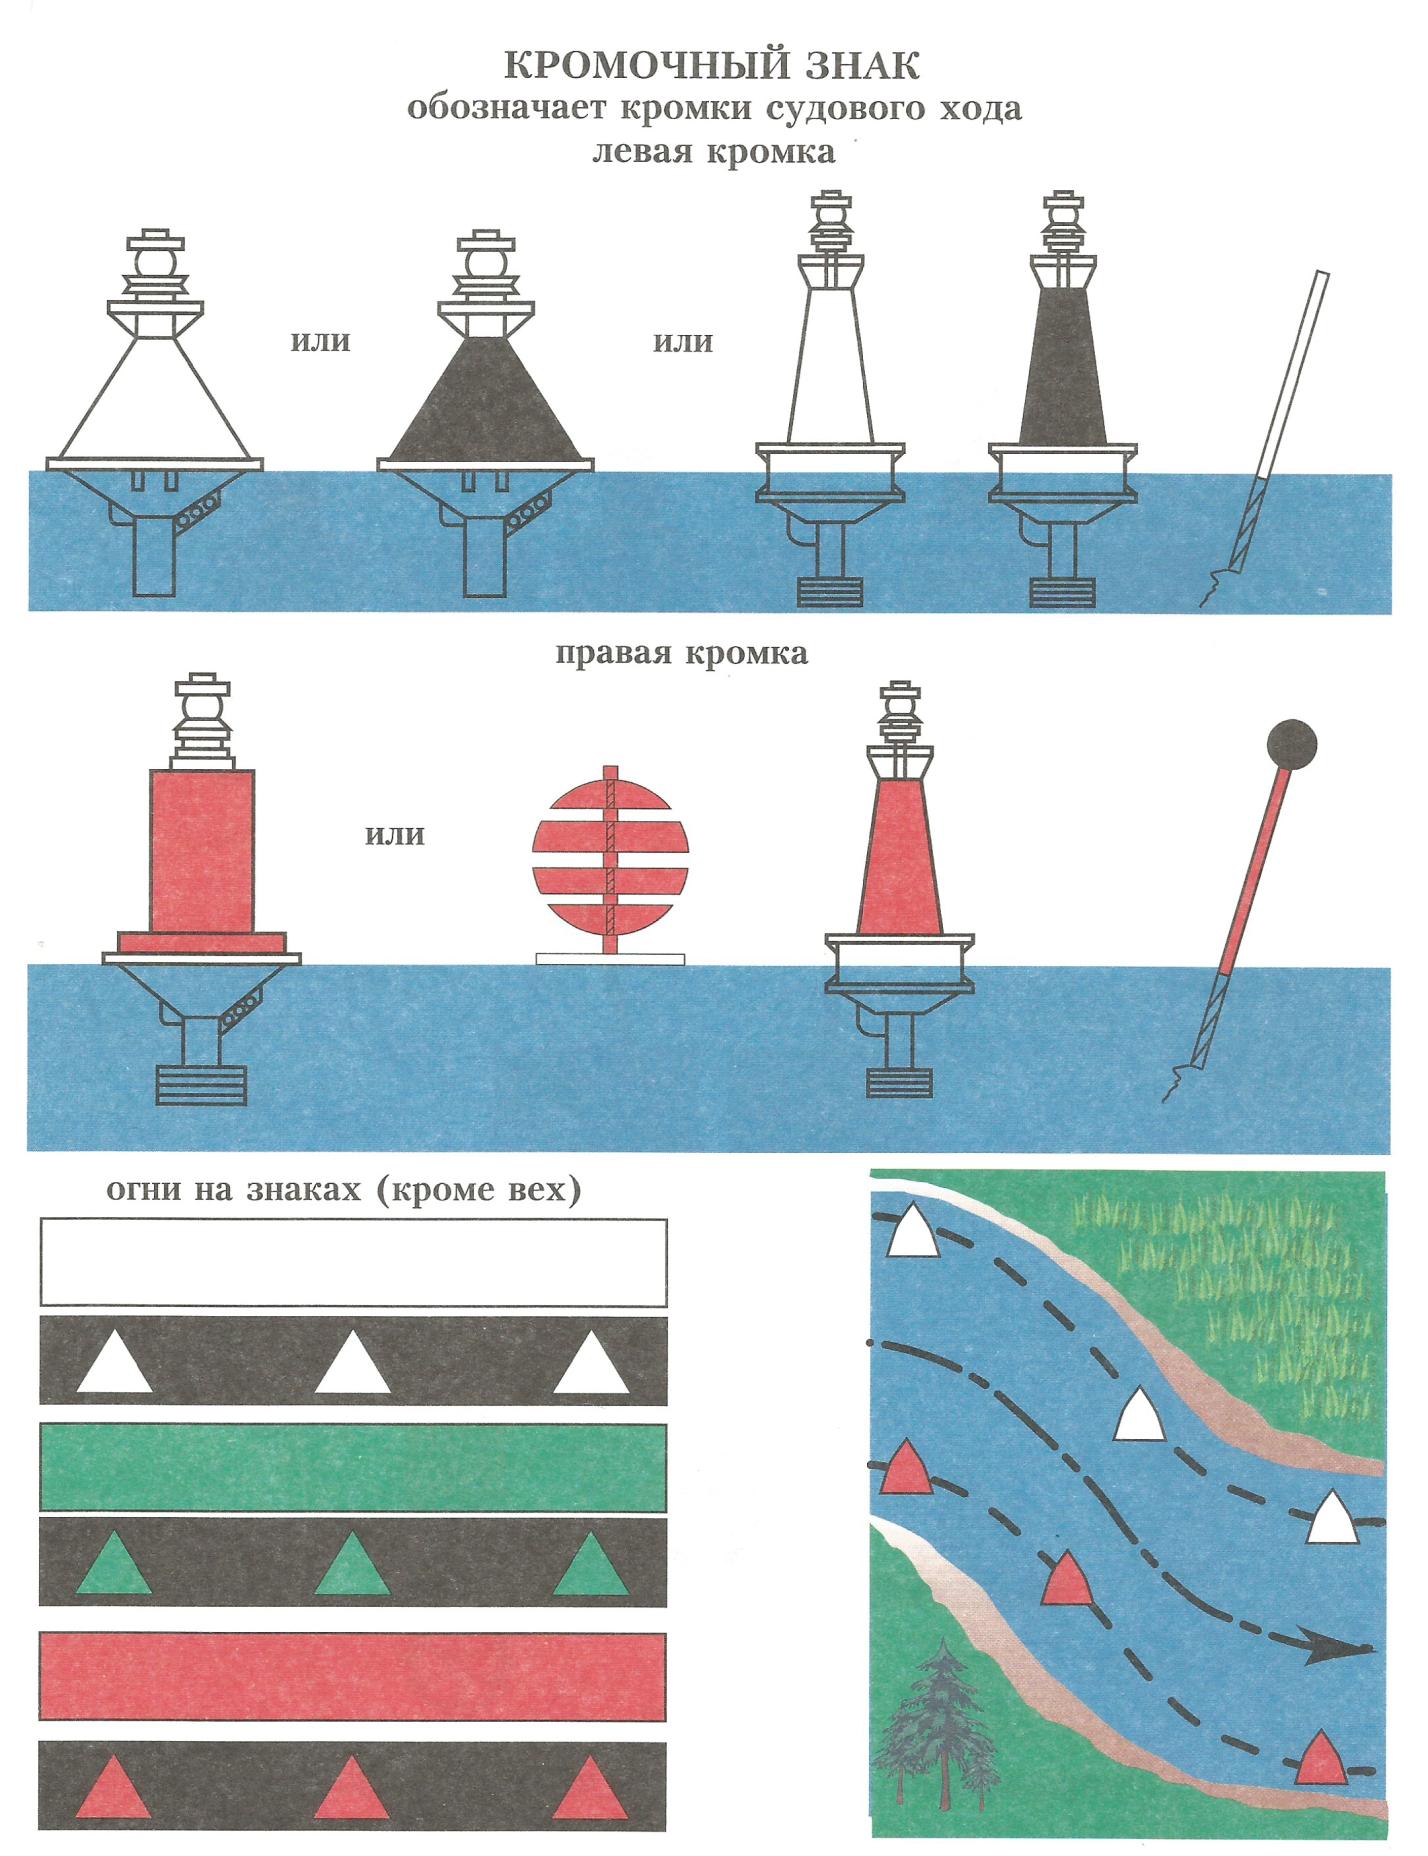 Навигационные знаки на реке в картинках